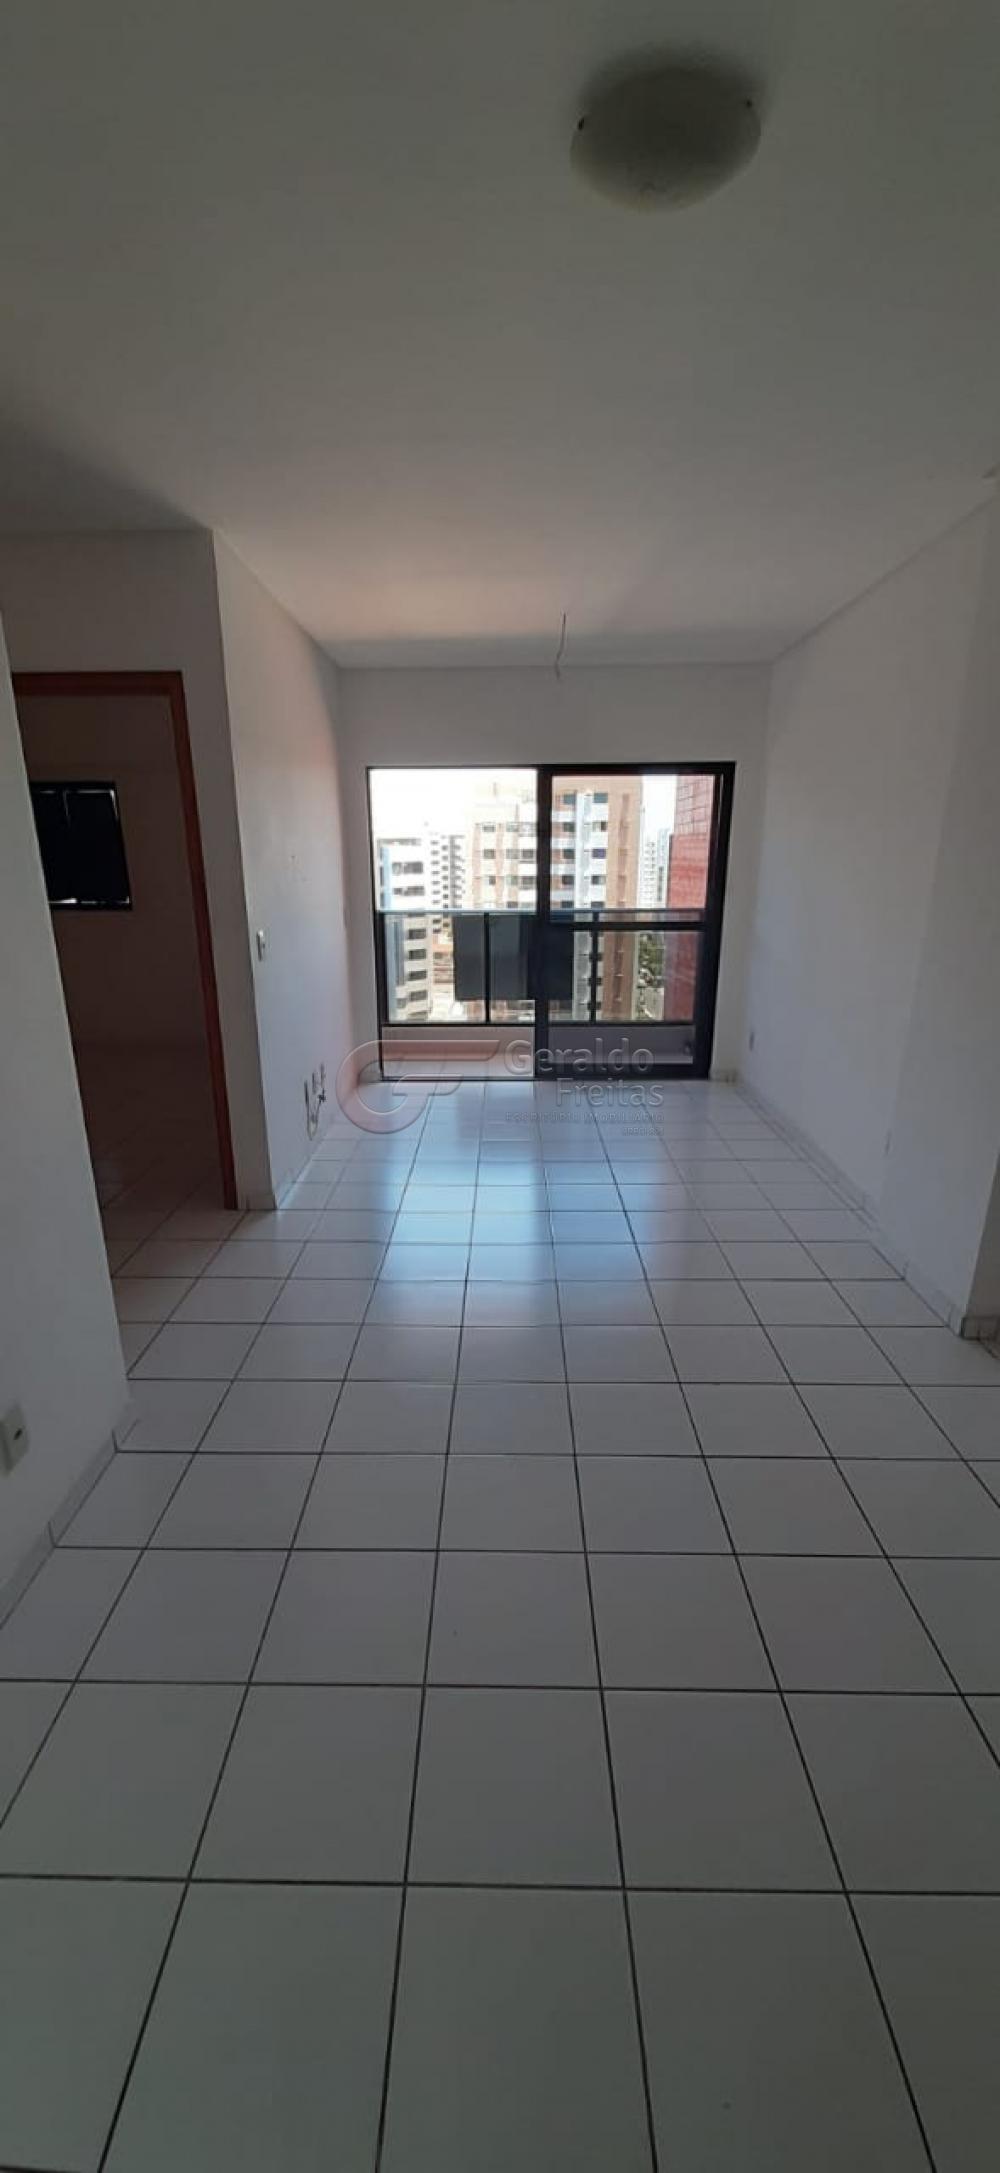 Comprar Apartamentos / 02 quartos em Maceió apenas R$ 280.000,00 - Foto 4